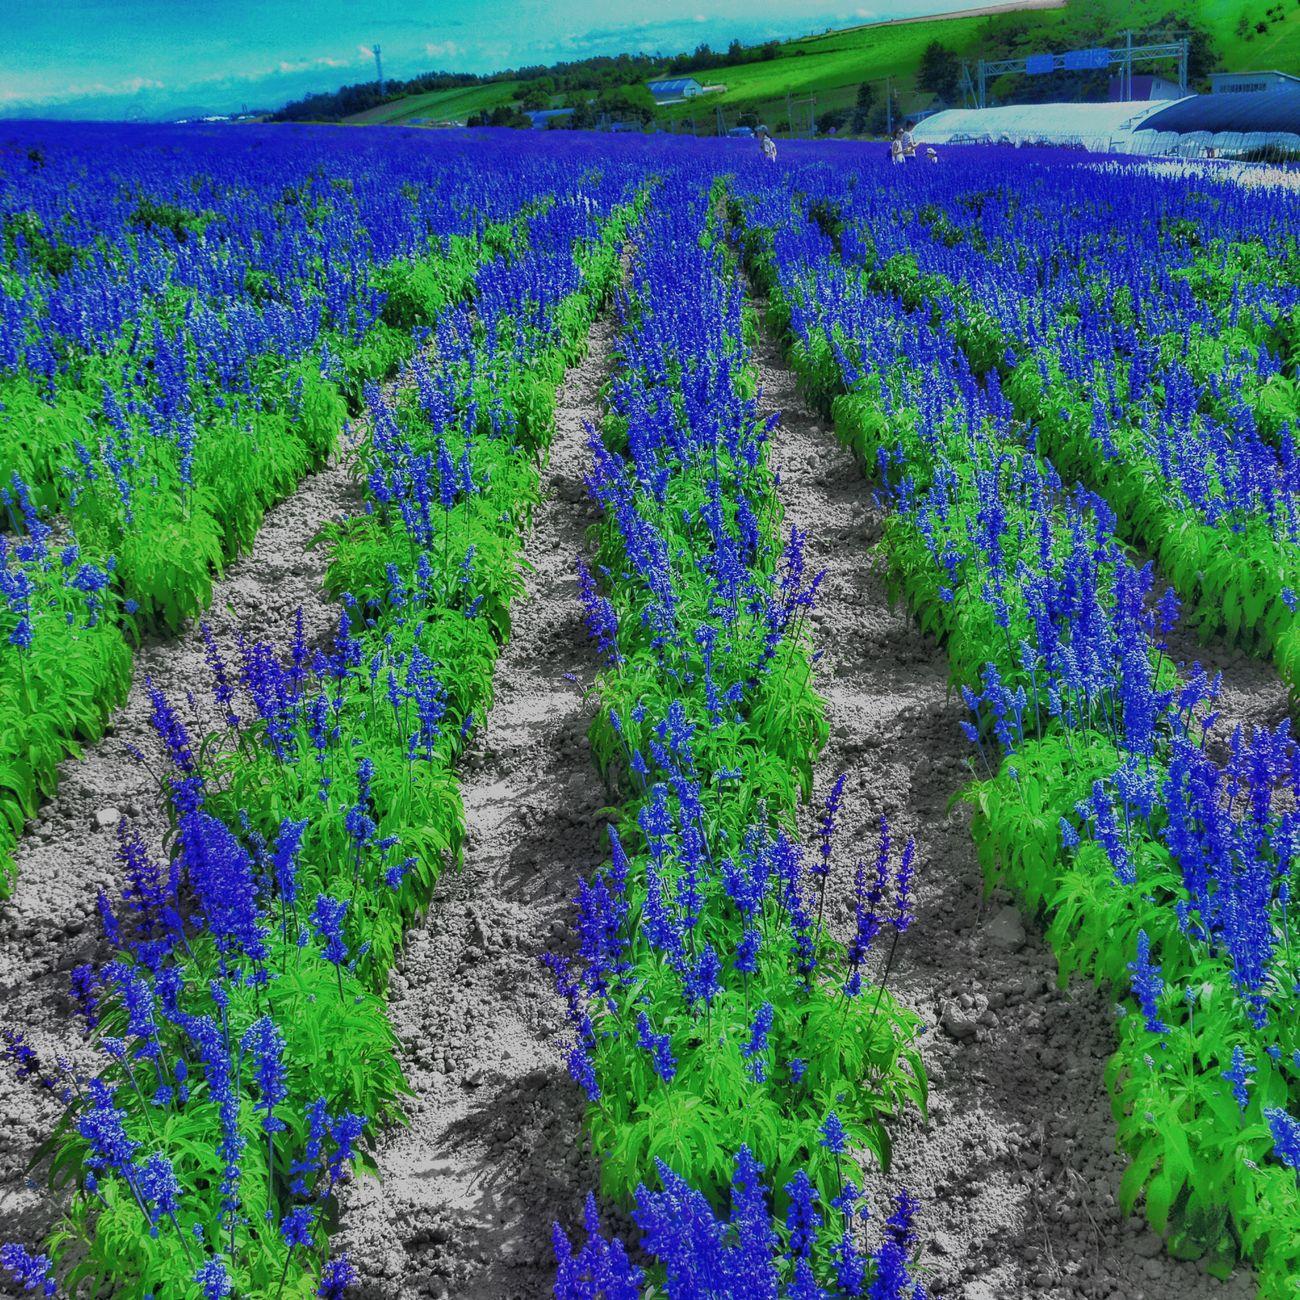 サルビア Nature Photography EyeEm Gallery EyeEm Masterclass EyeEm Best Shots Flowers Flower Collection Flowers,Plants & Garden Colorsplash Mypointofview 北海道 富良野